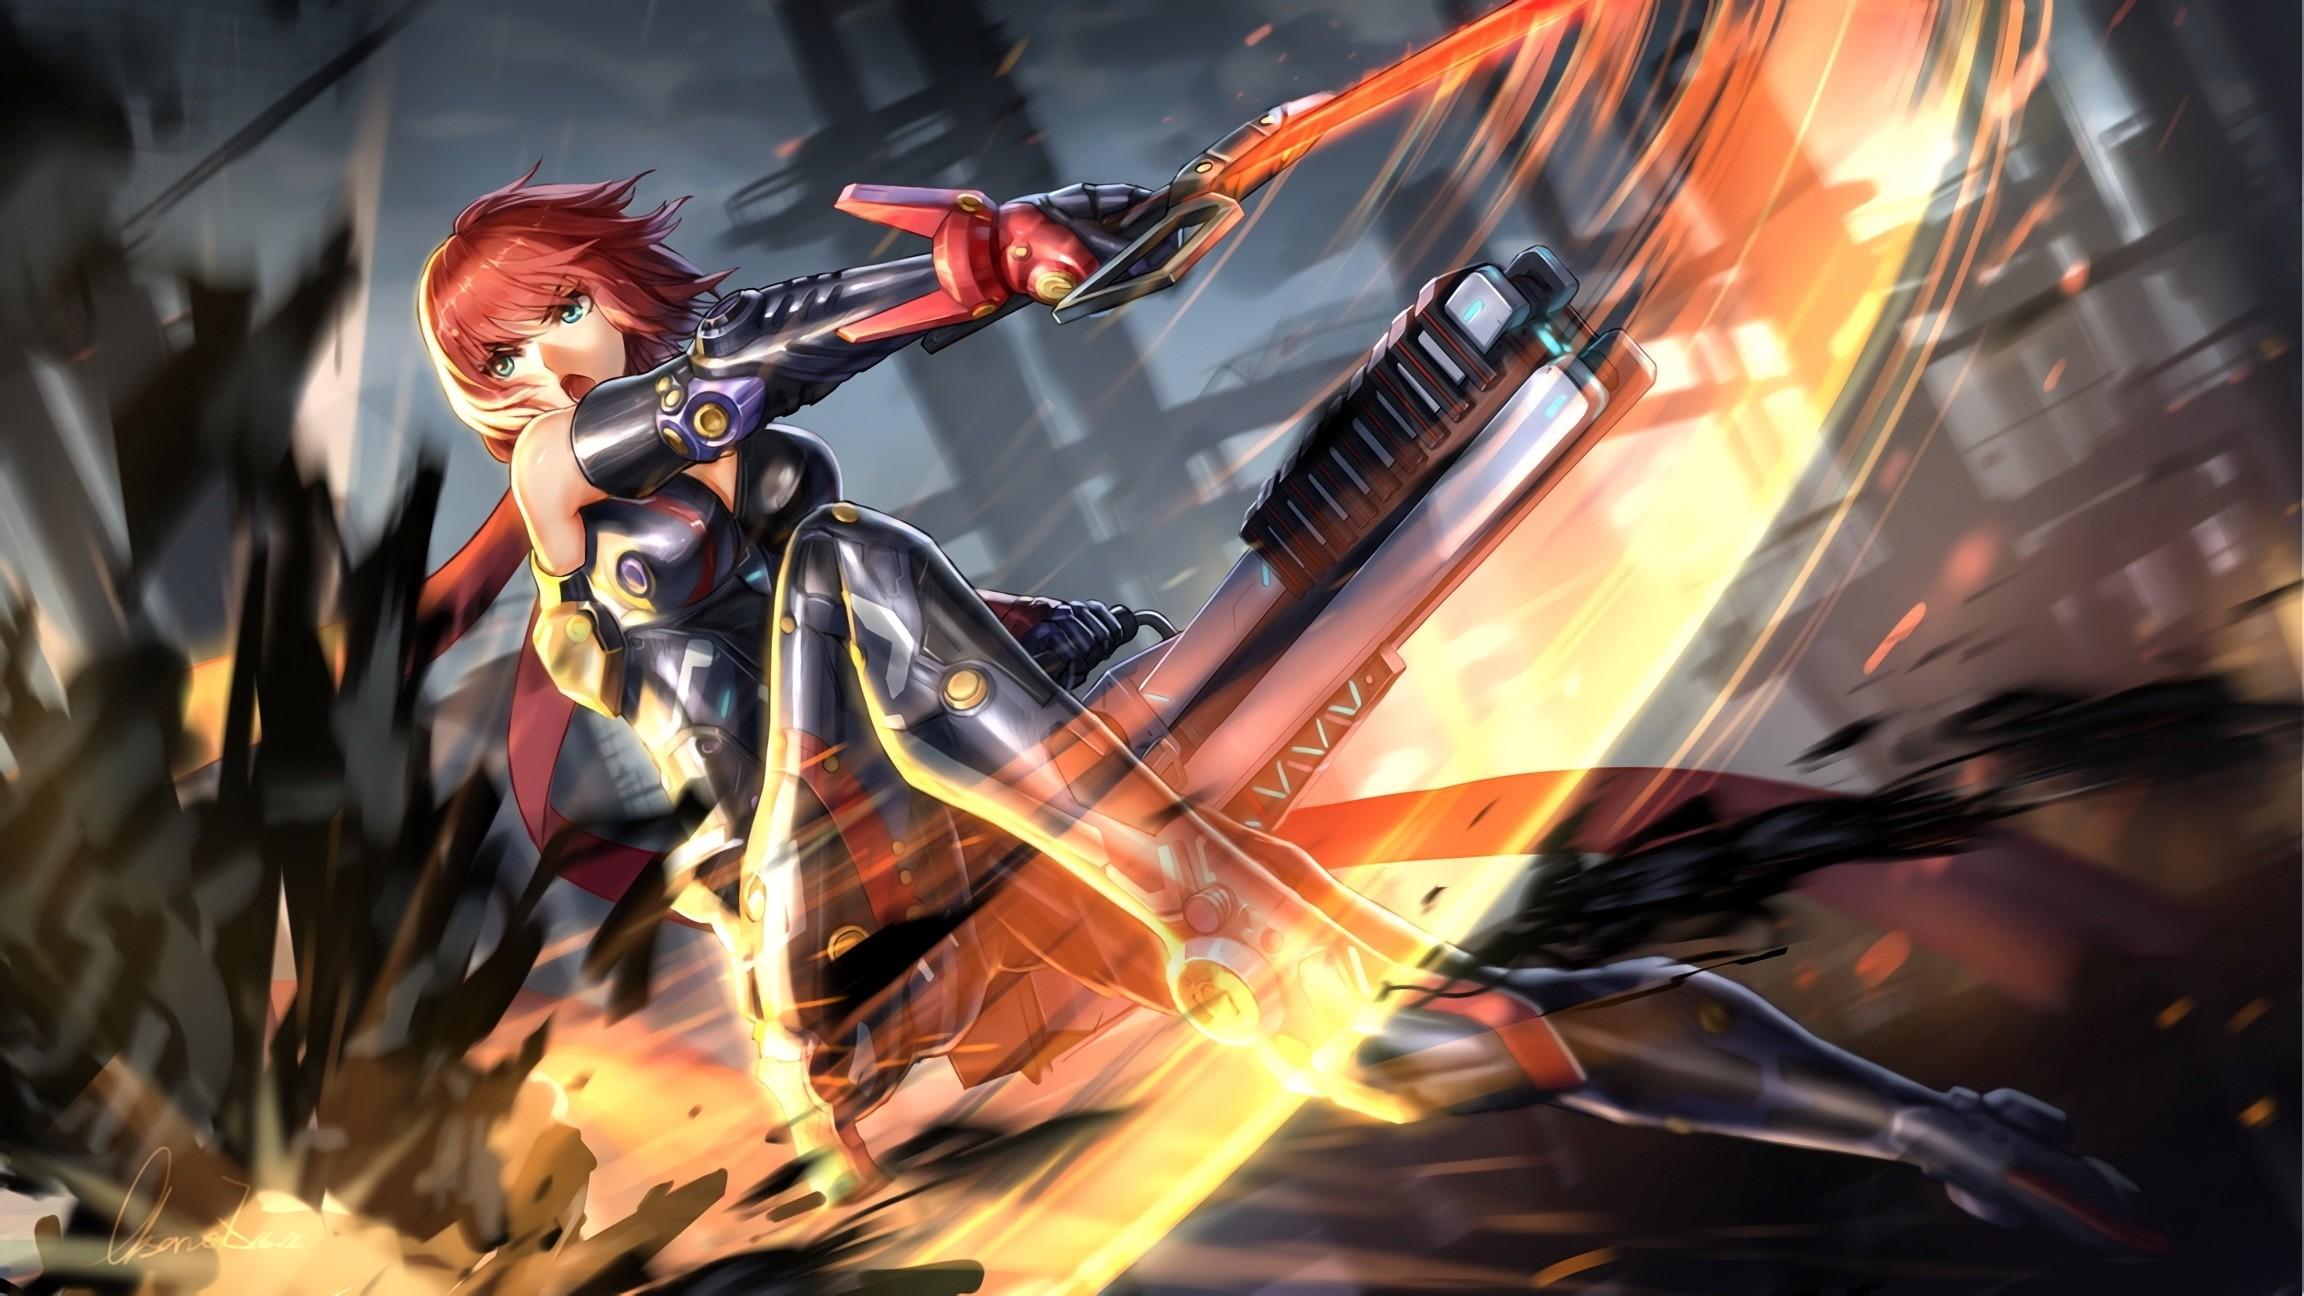 Anime Girl, Fighting, Sci-fi, Sword, Bodysuit